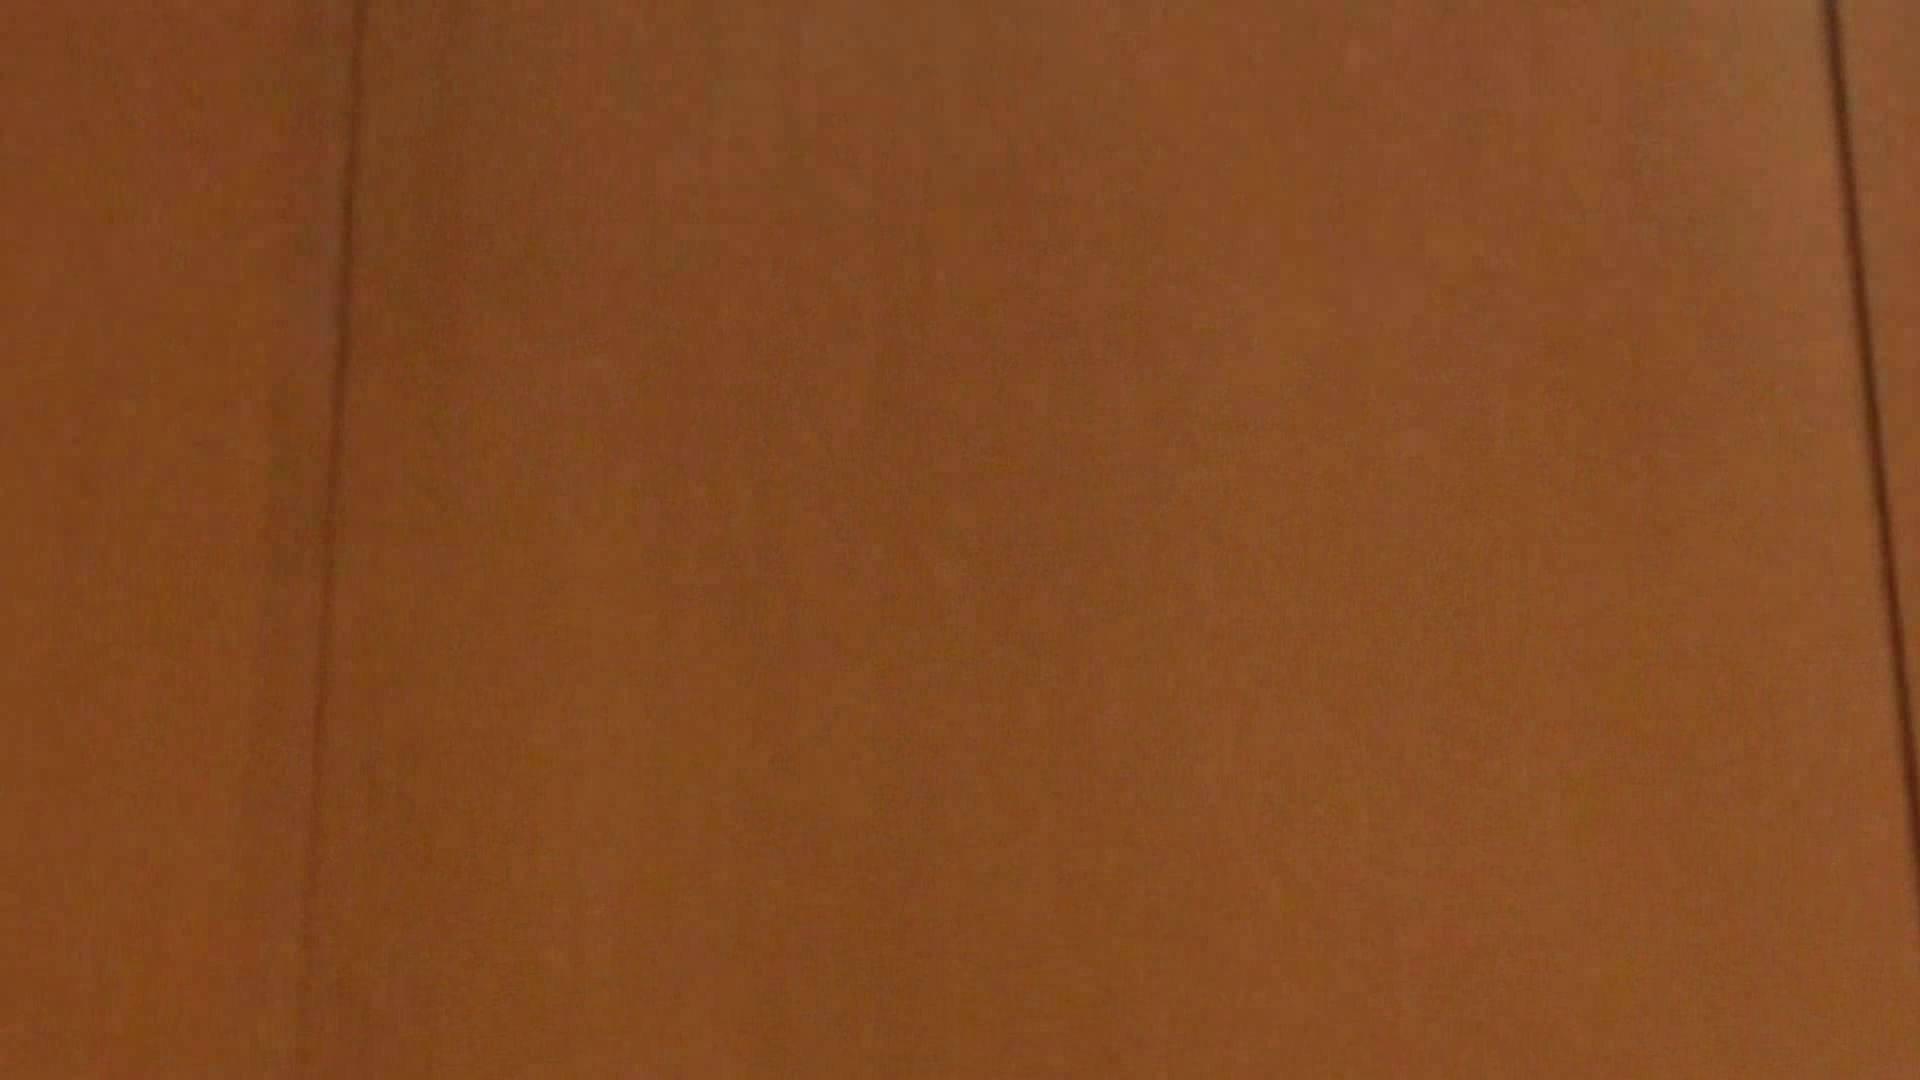 「噂」の国の厠観察日記2 Vol.01 HなOL | 厠  89pic 62